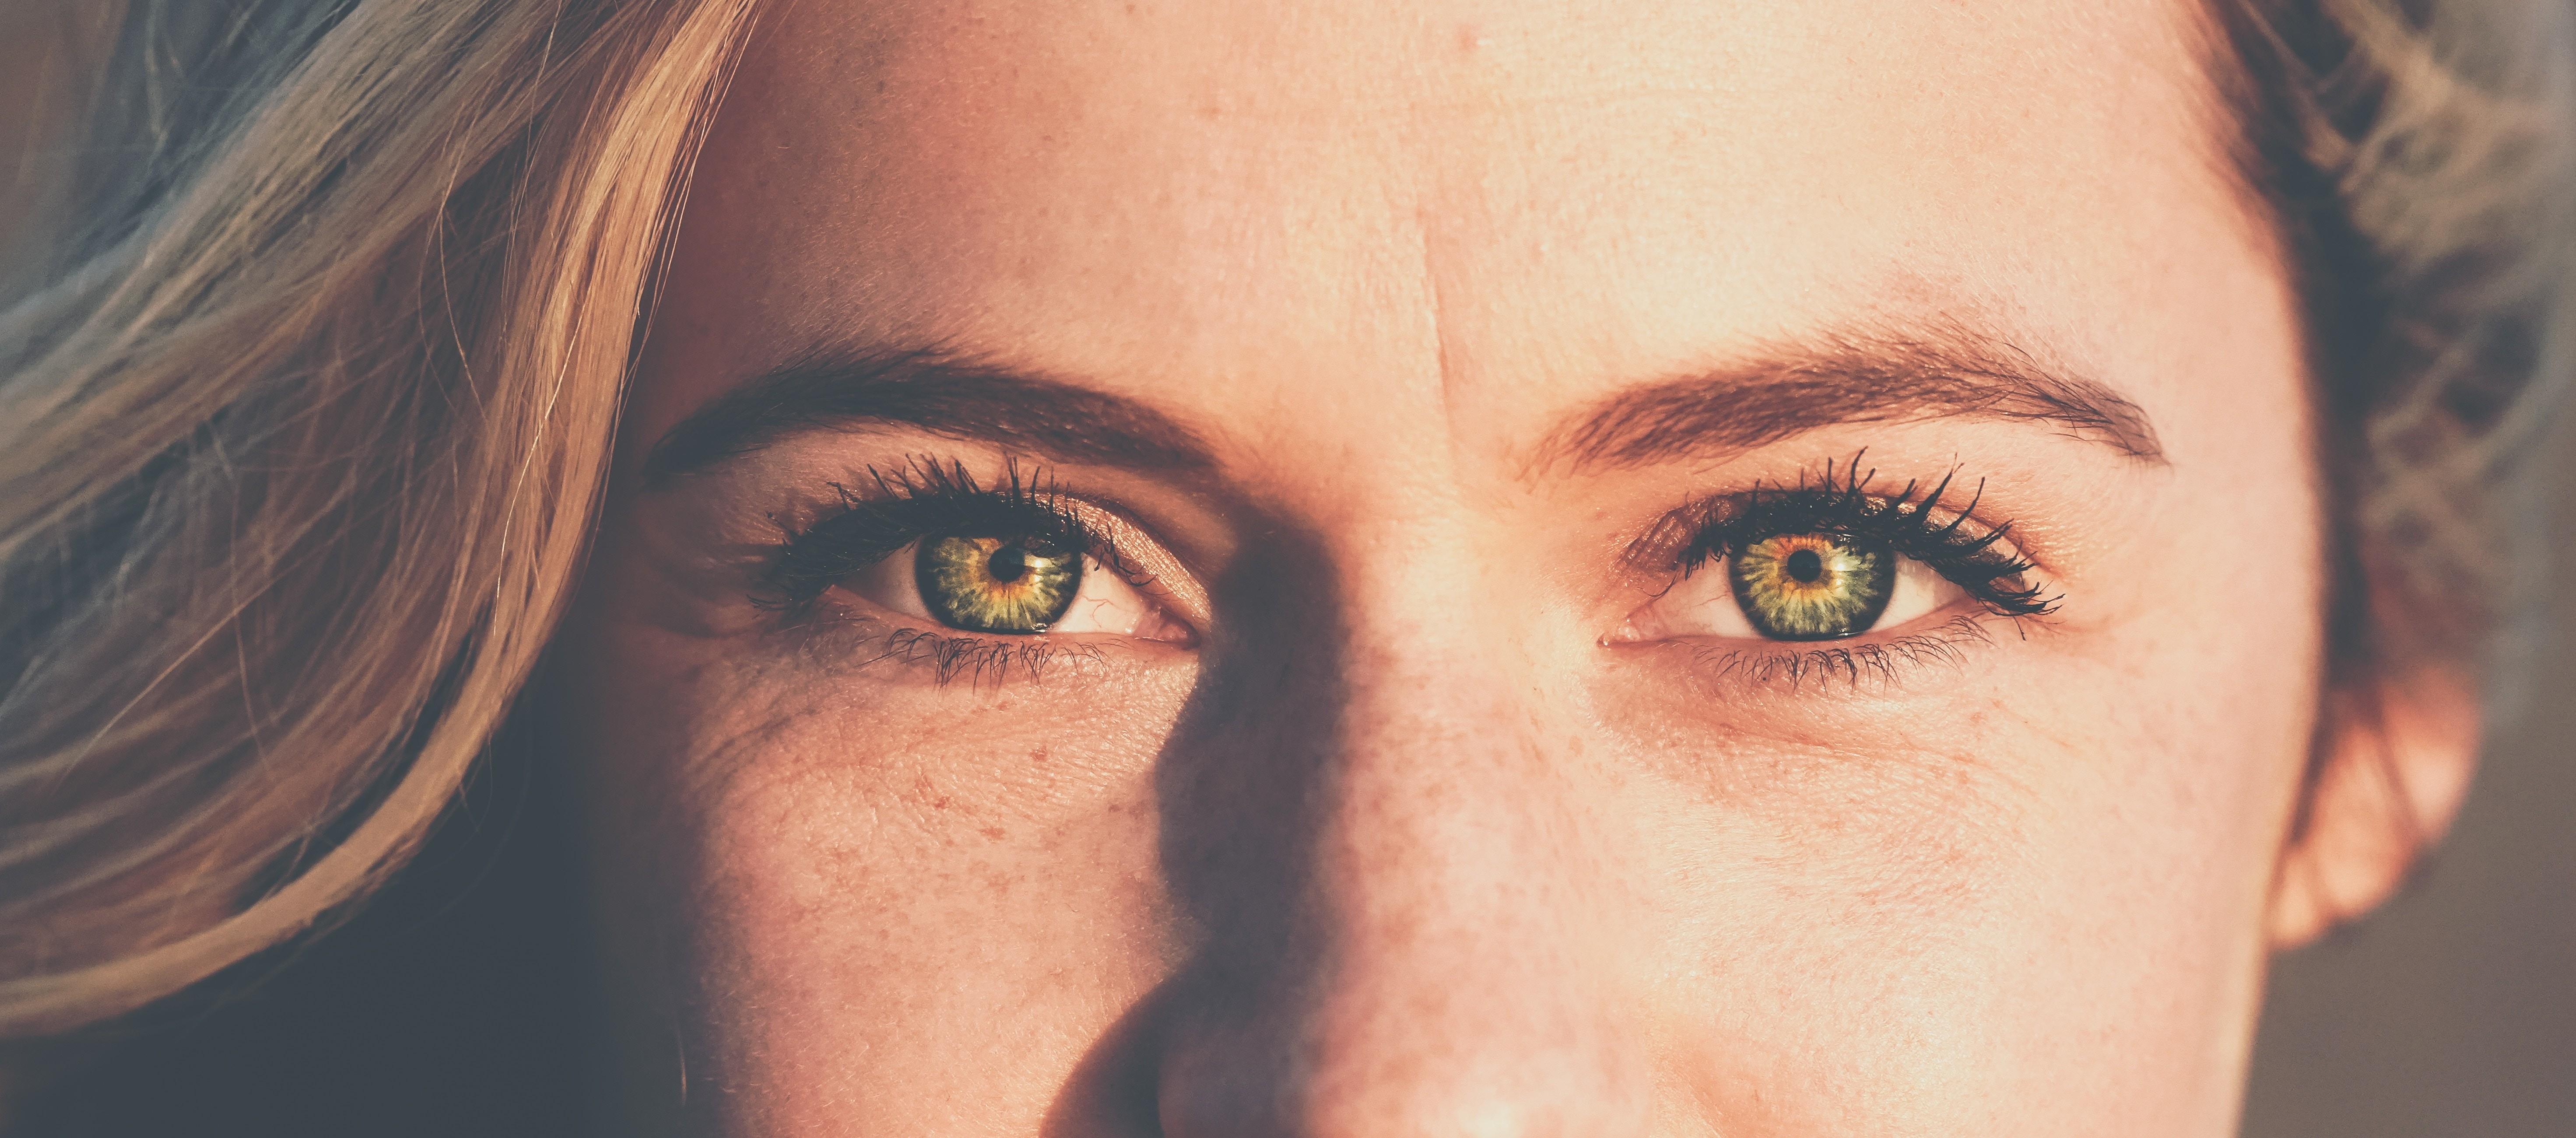 На борьбу с морщинами: лучшие антиэйдж средства для кожи вокруг глаз